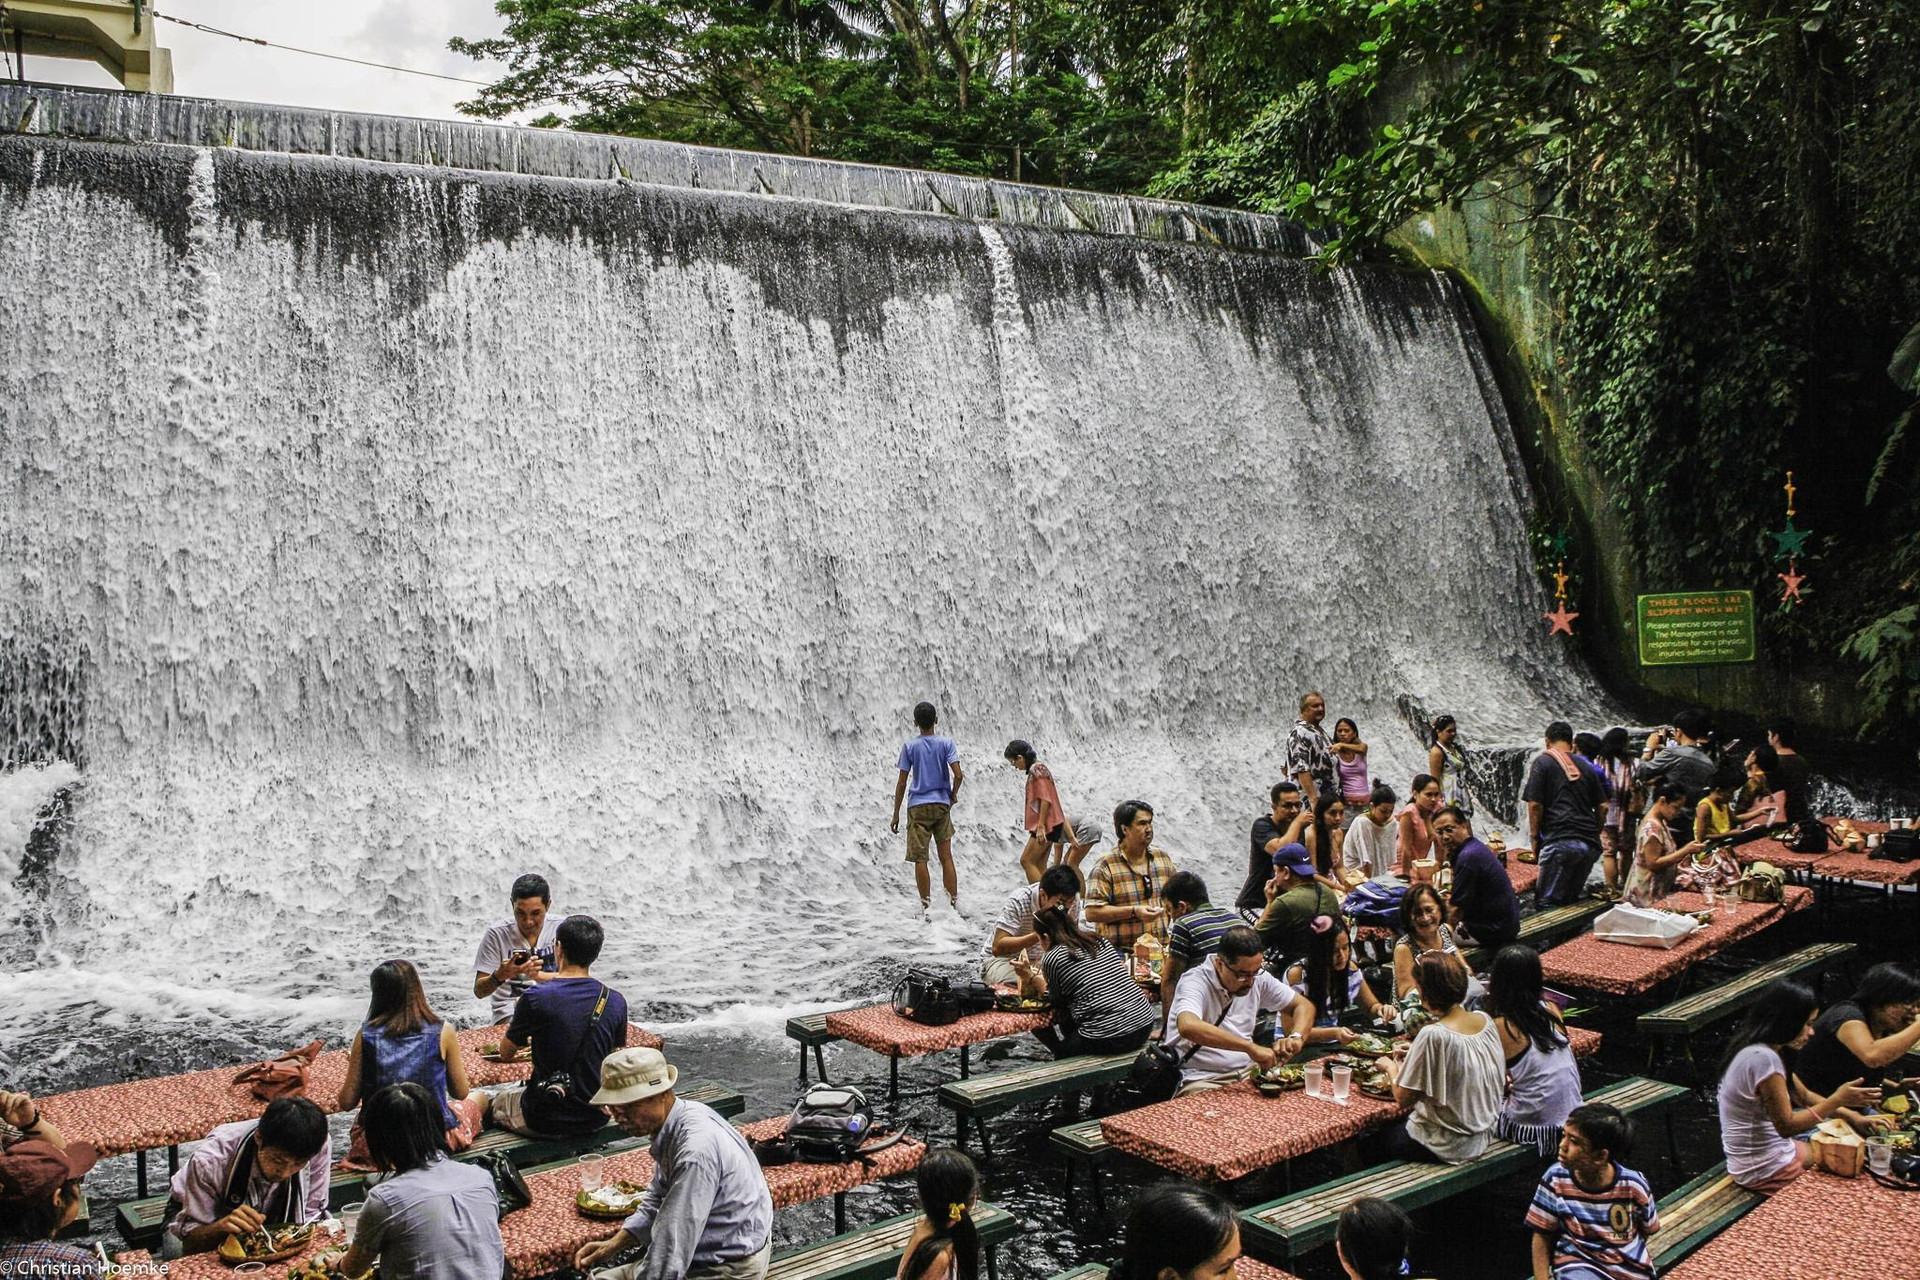 Ăn ngon thêm vạn lần với nhà hàng dưới chân thác độc lạ ở Philippines - 6